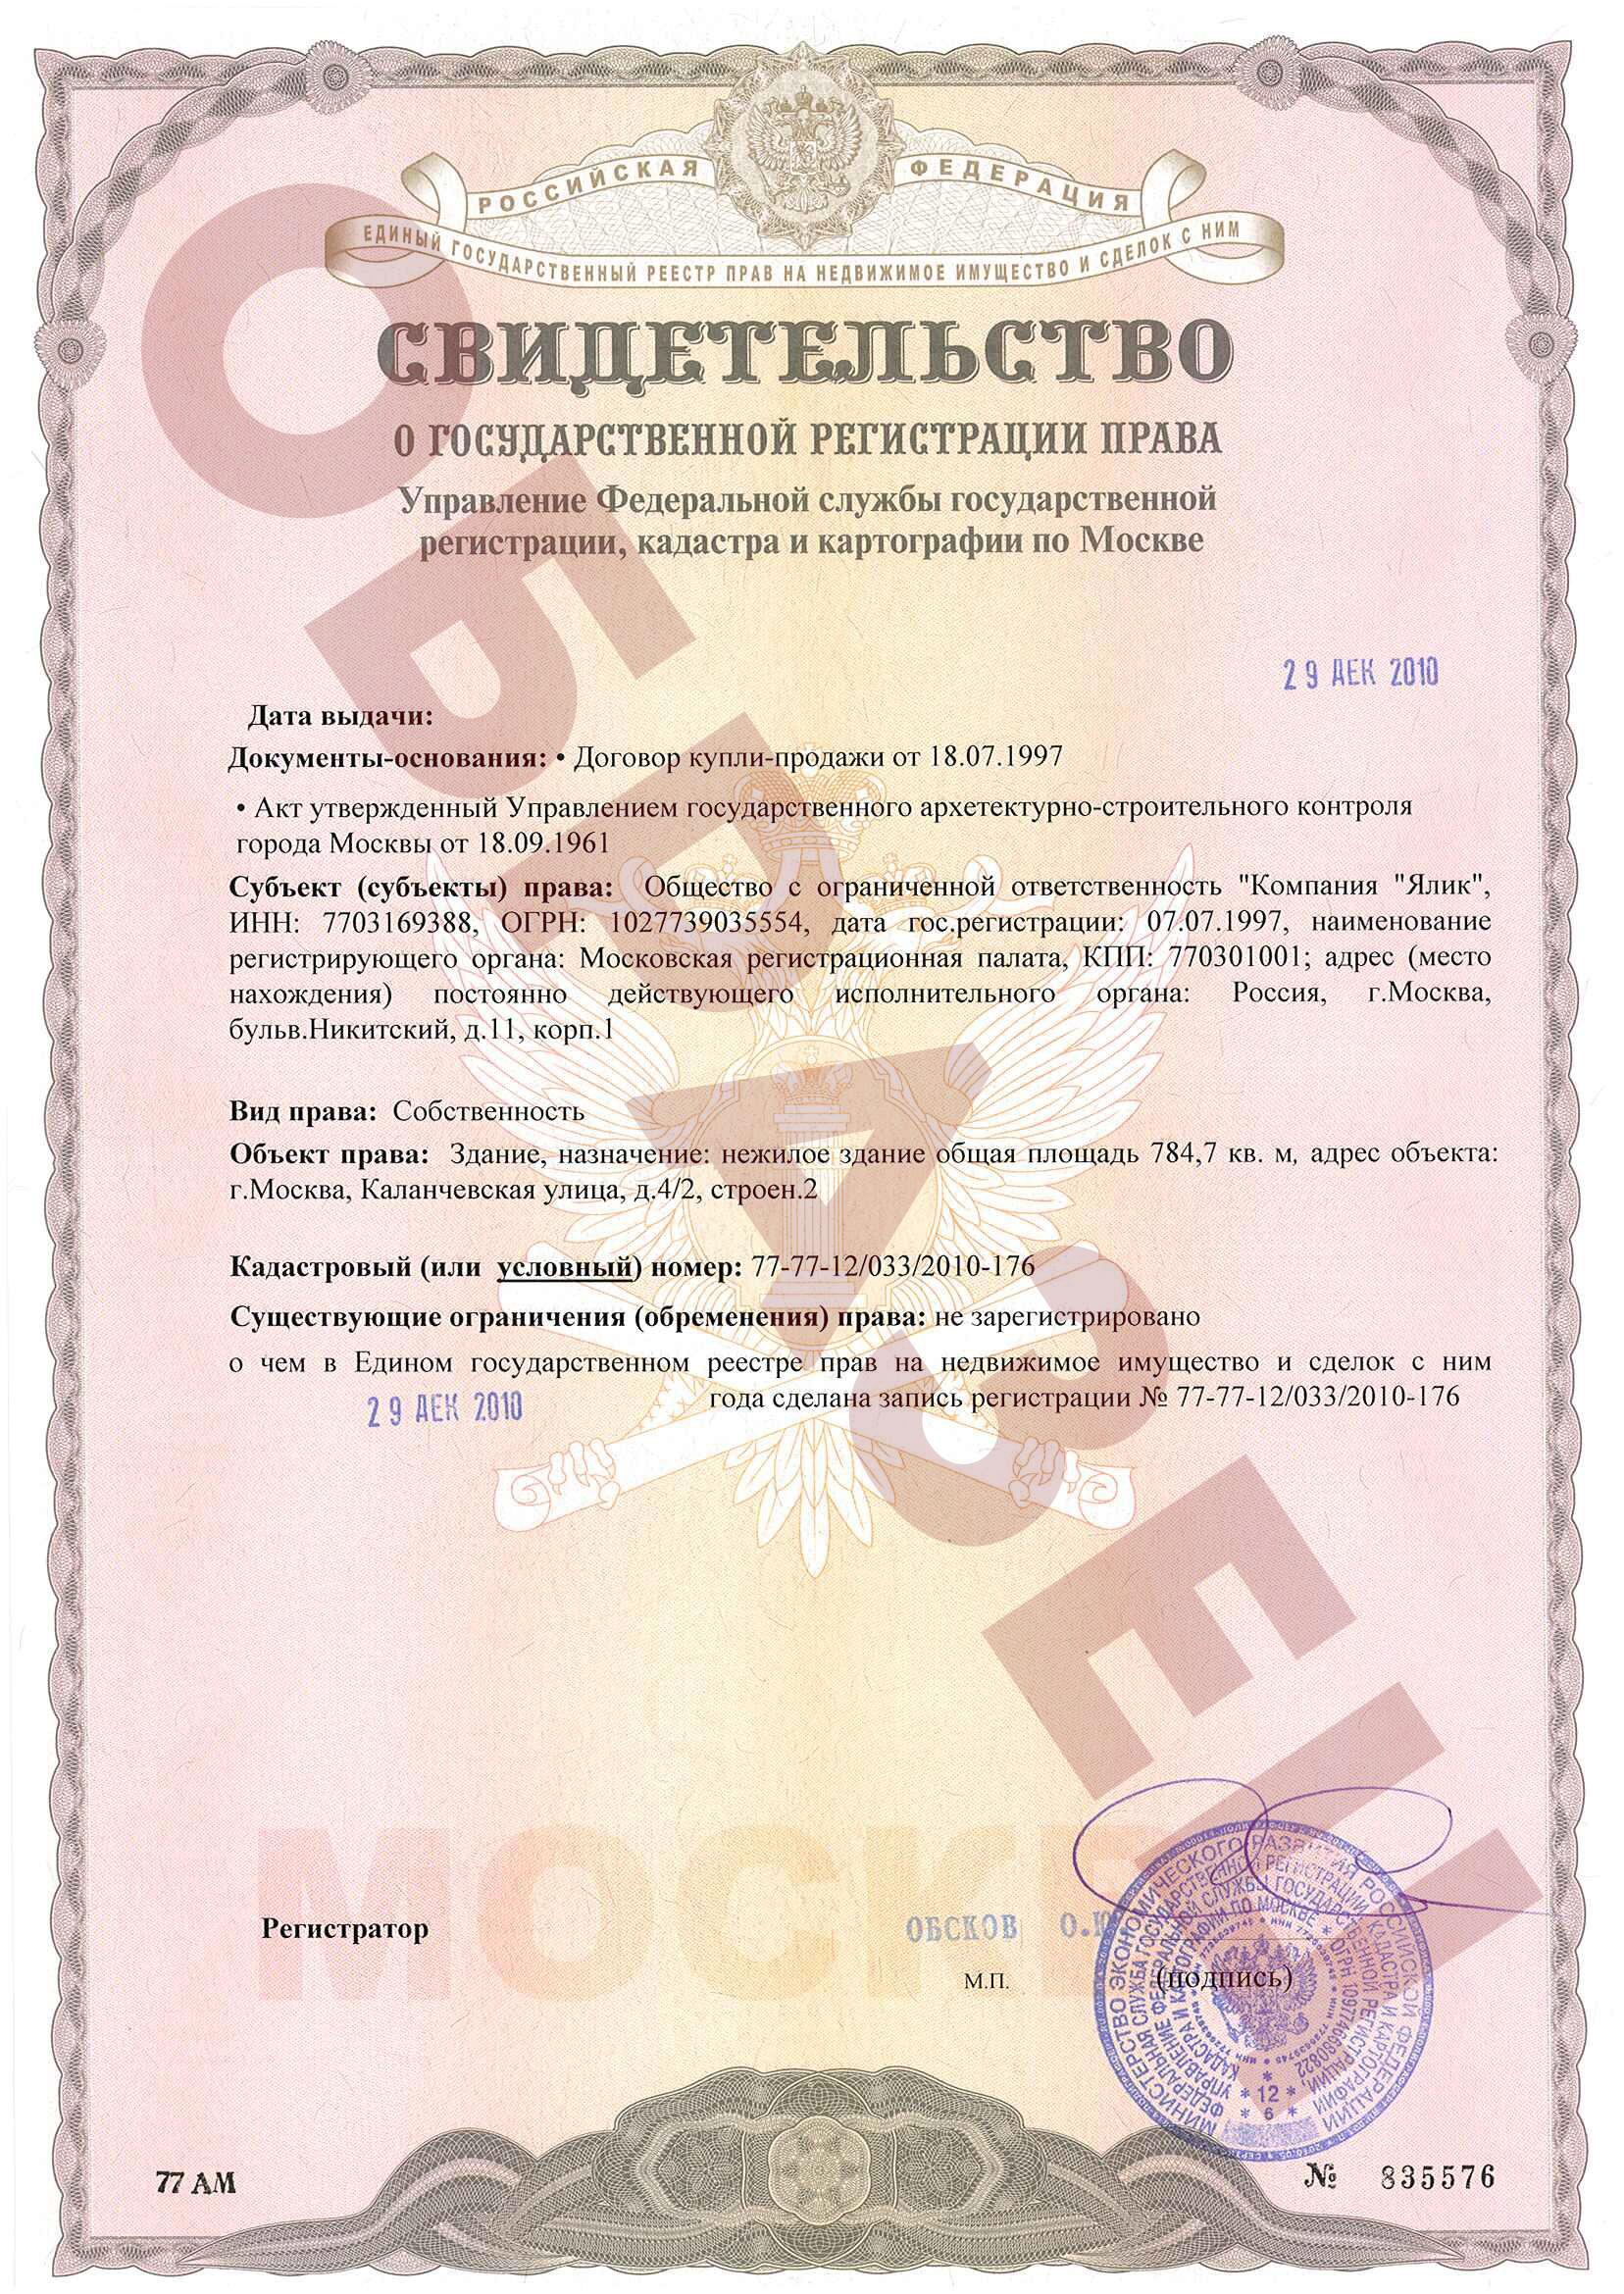 Признание регистрации